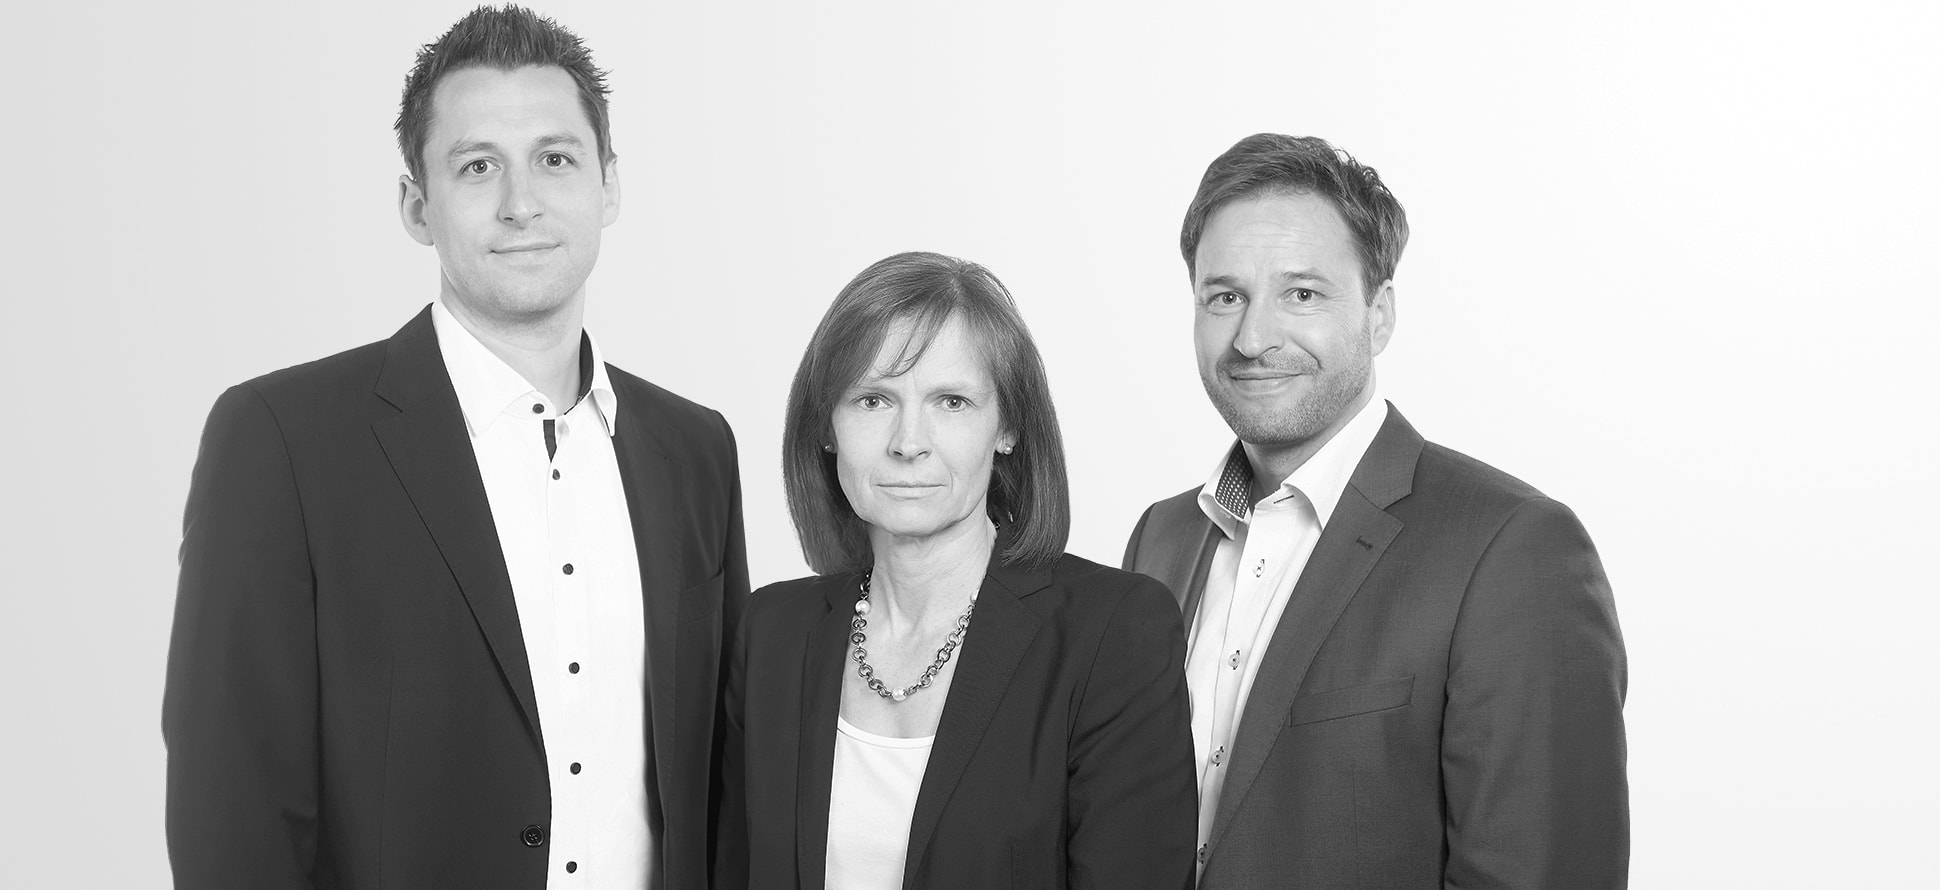 Simon Ruckdeschel, Claudia Rahn, Uwe Lichteblau